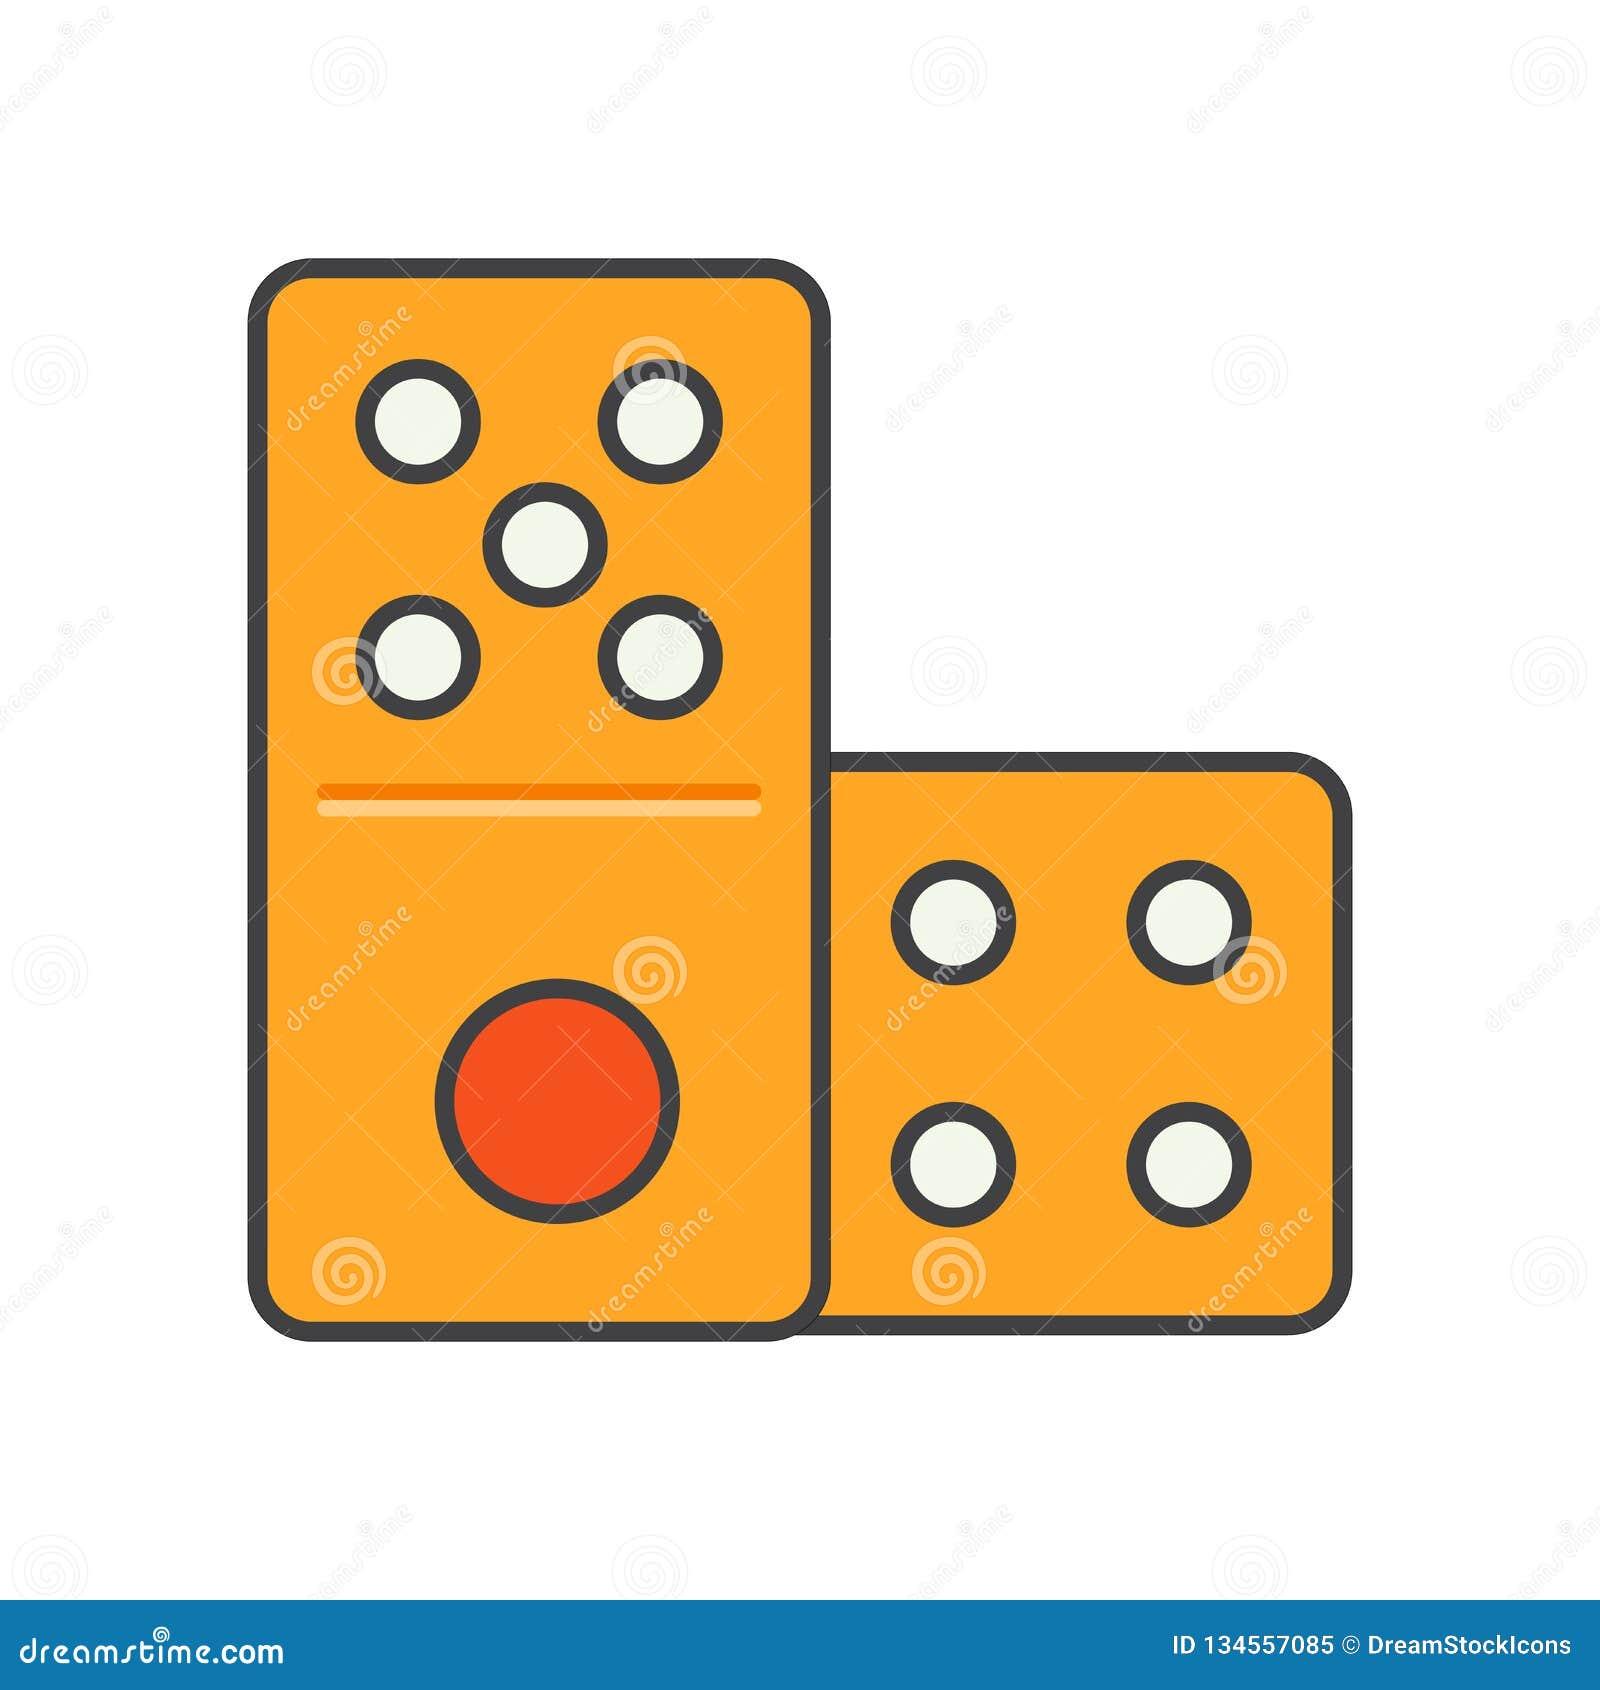 Sinal e símbolo do vetor do ícone do dominó isolados no fundo branco, conceito do logotipo do dominó